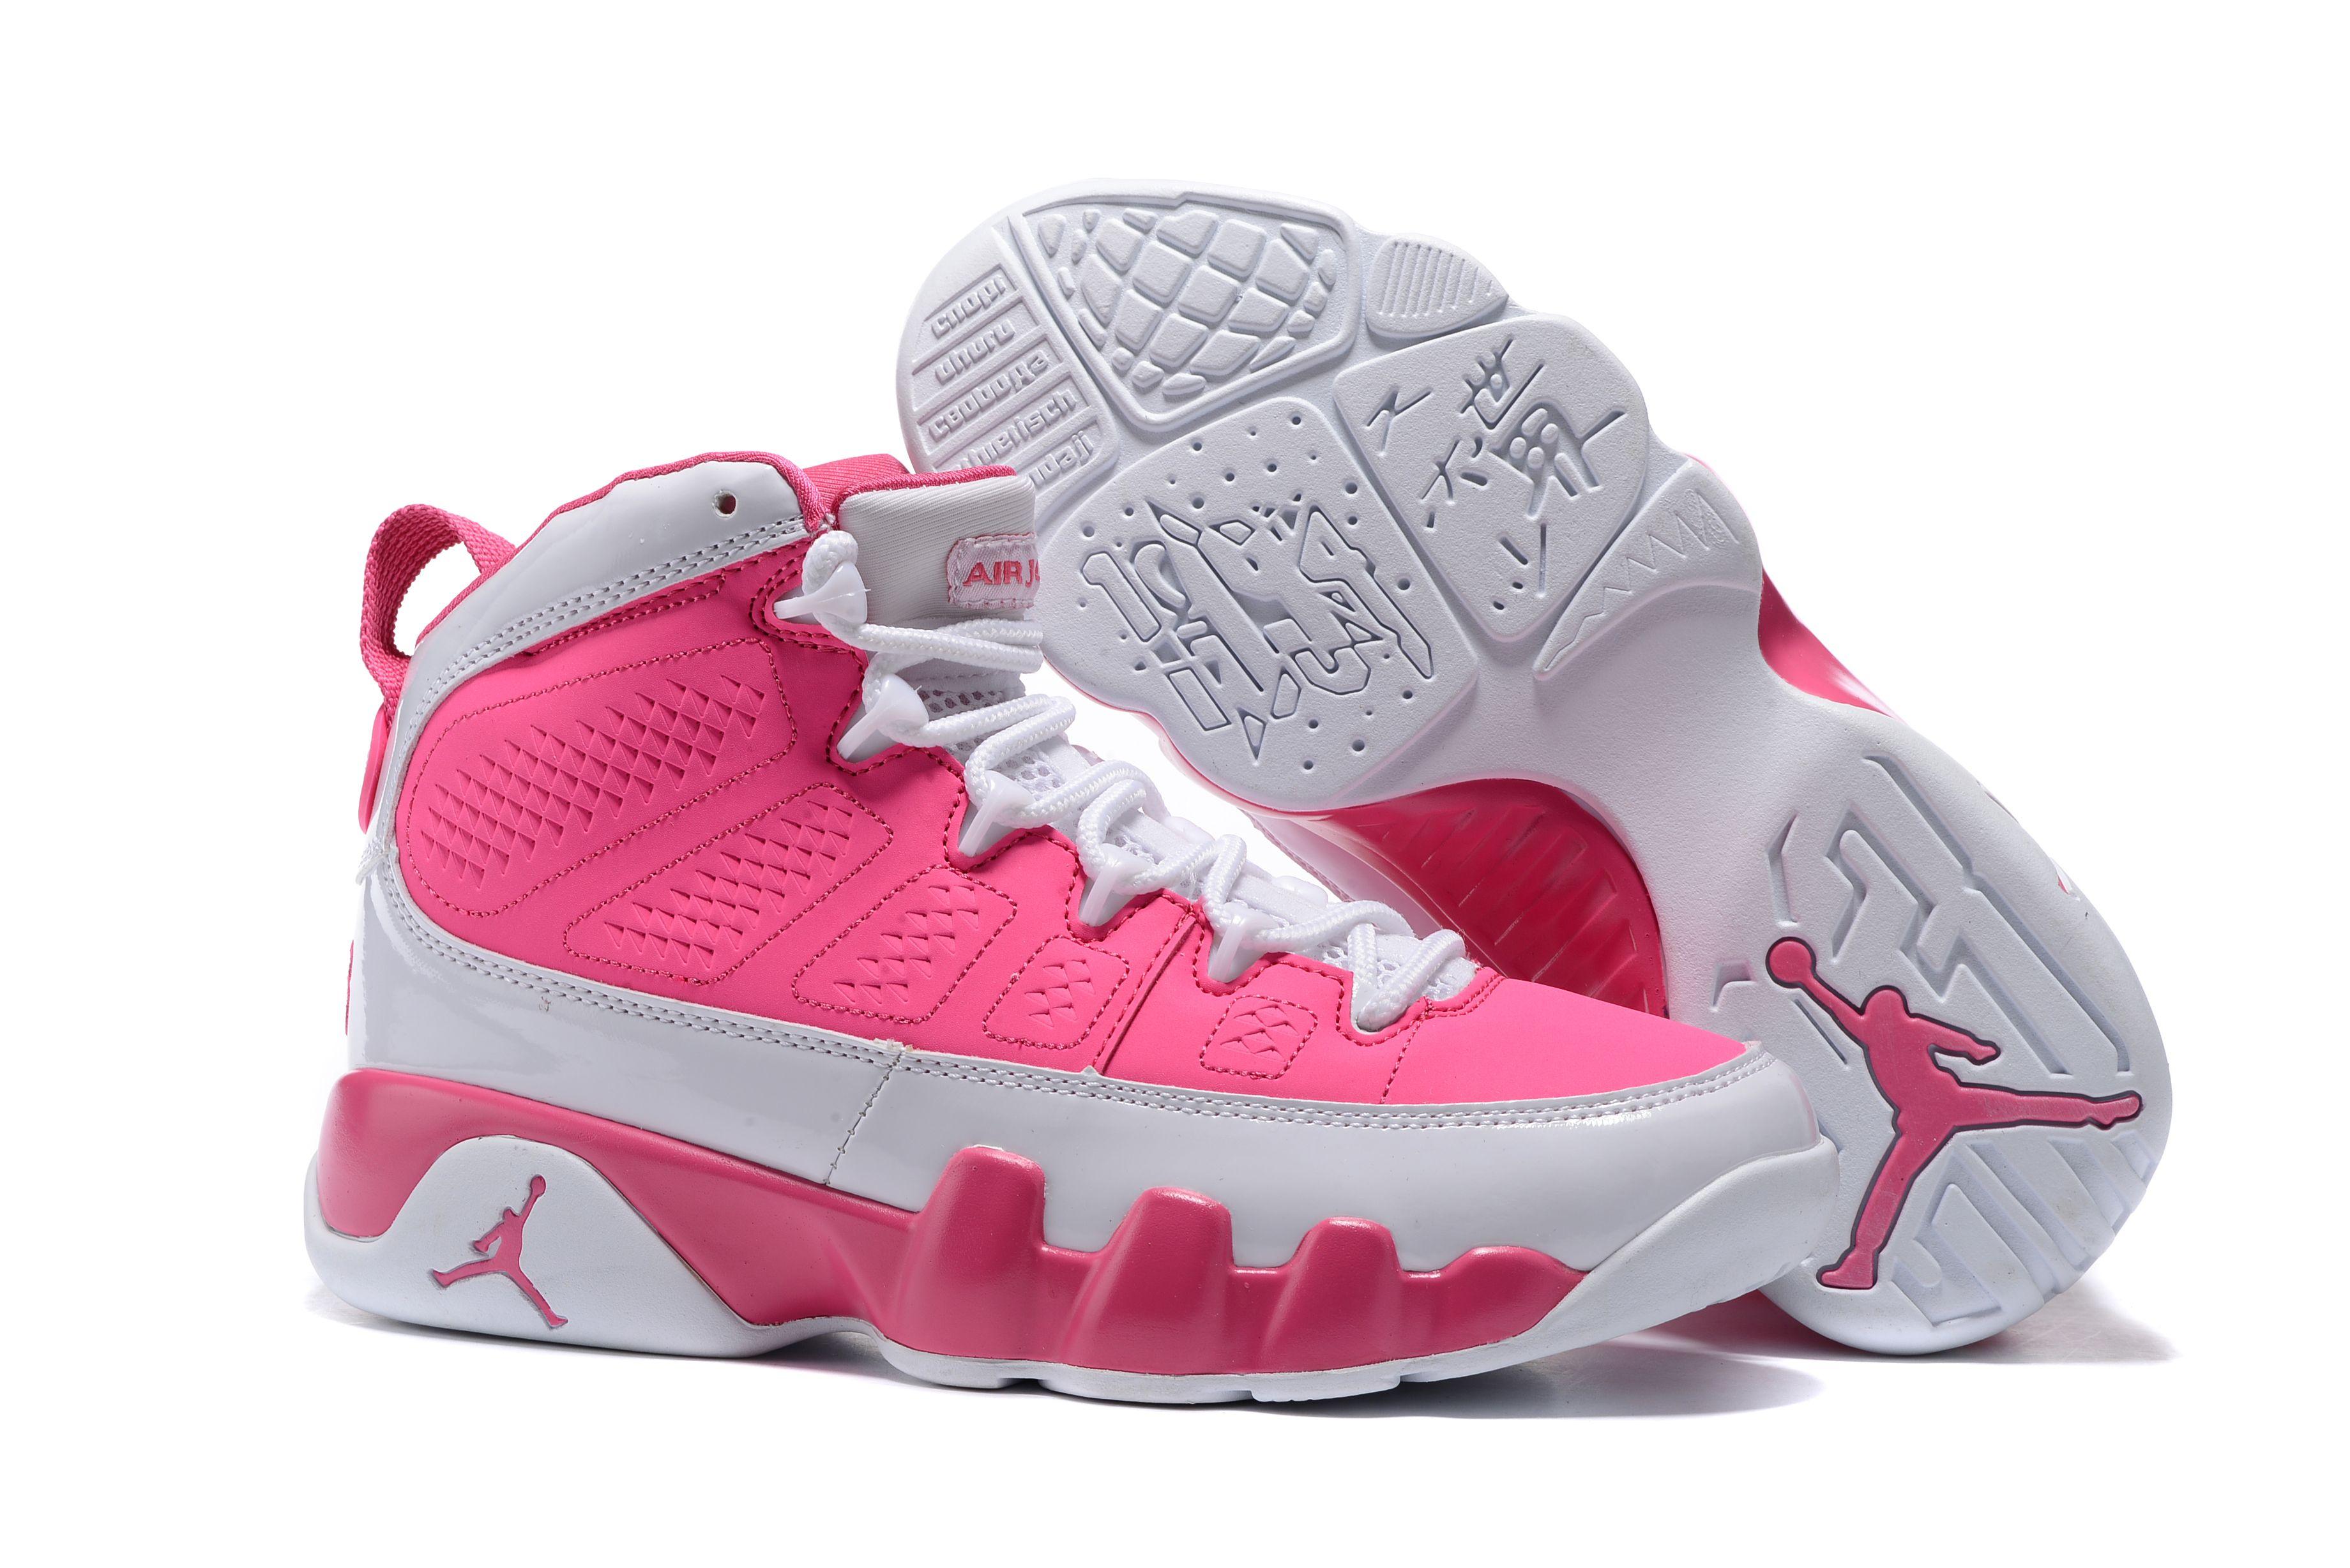 huge selection of 3654a 7ff69 Nike Air Jordan 9 IX Retro And Original Women 2017, Price   79.00 - Jordan  Shoes,Air Jordan,Air Jordan Shoes